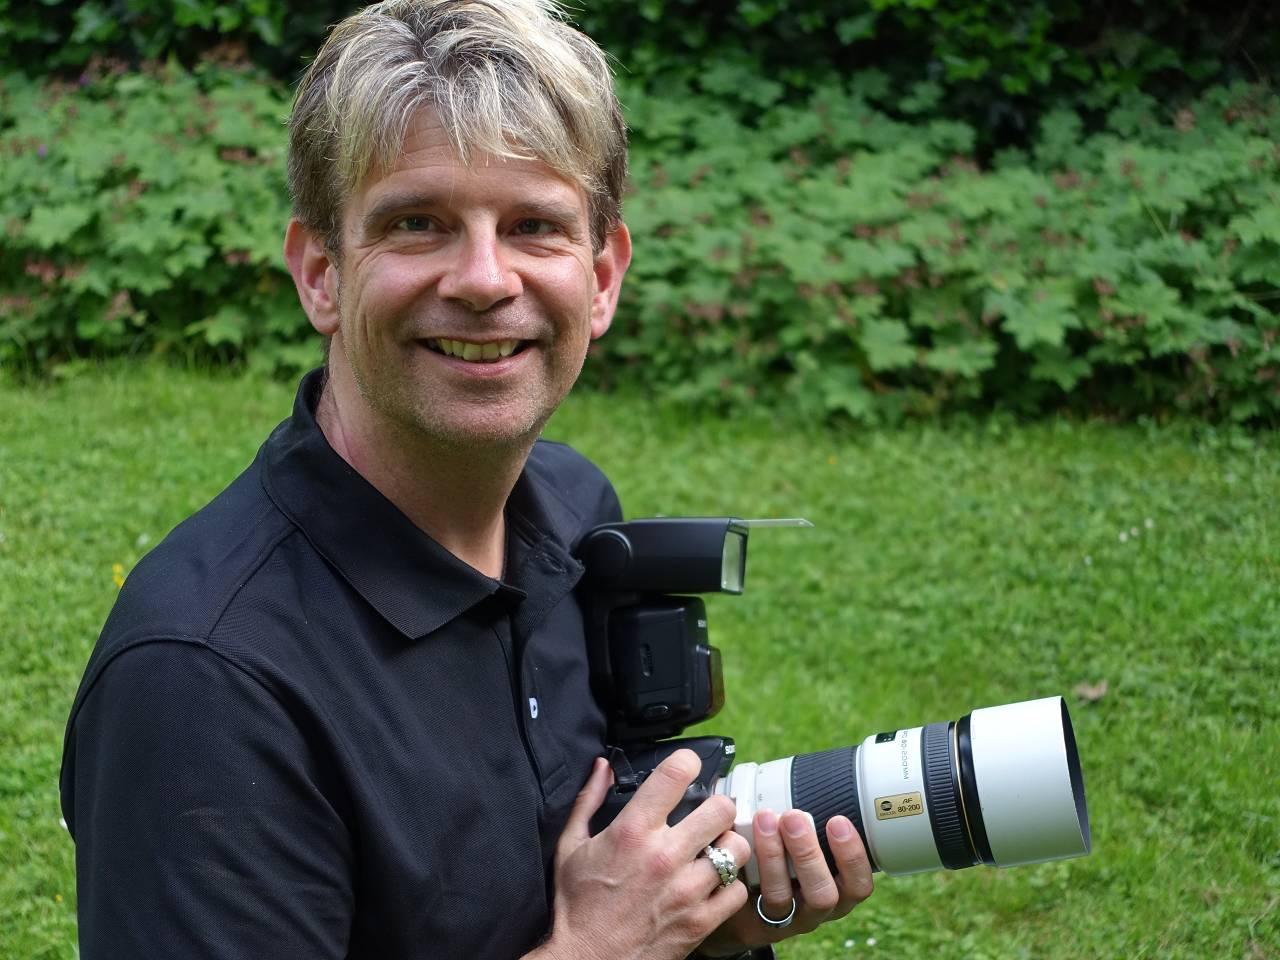 Fotograf Martin Scheidtmann